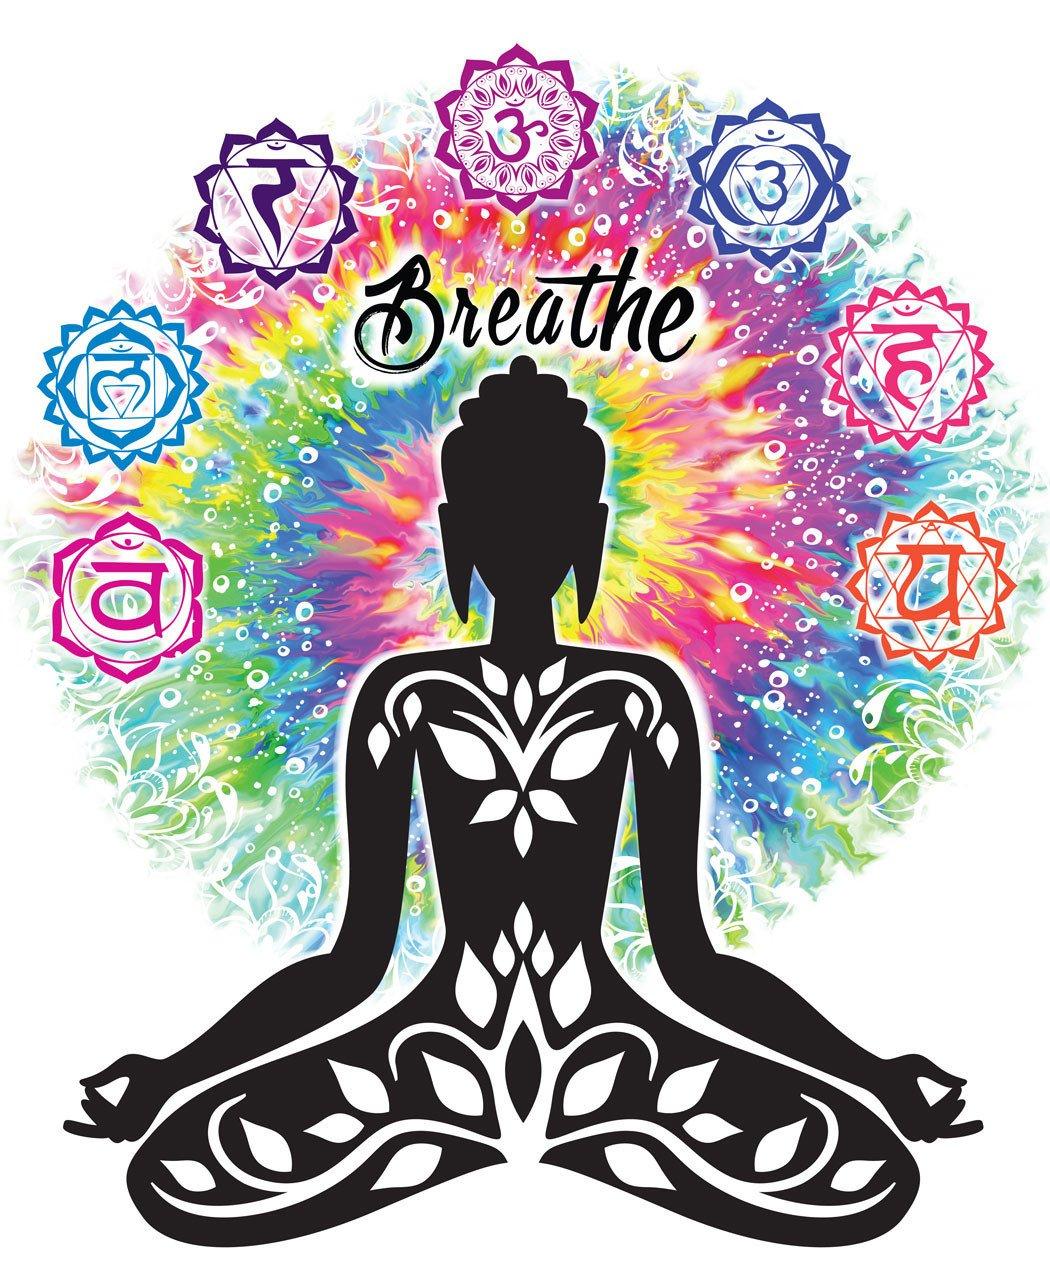 Breathe clipart meditation. Irony store